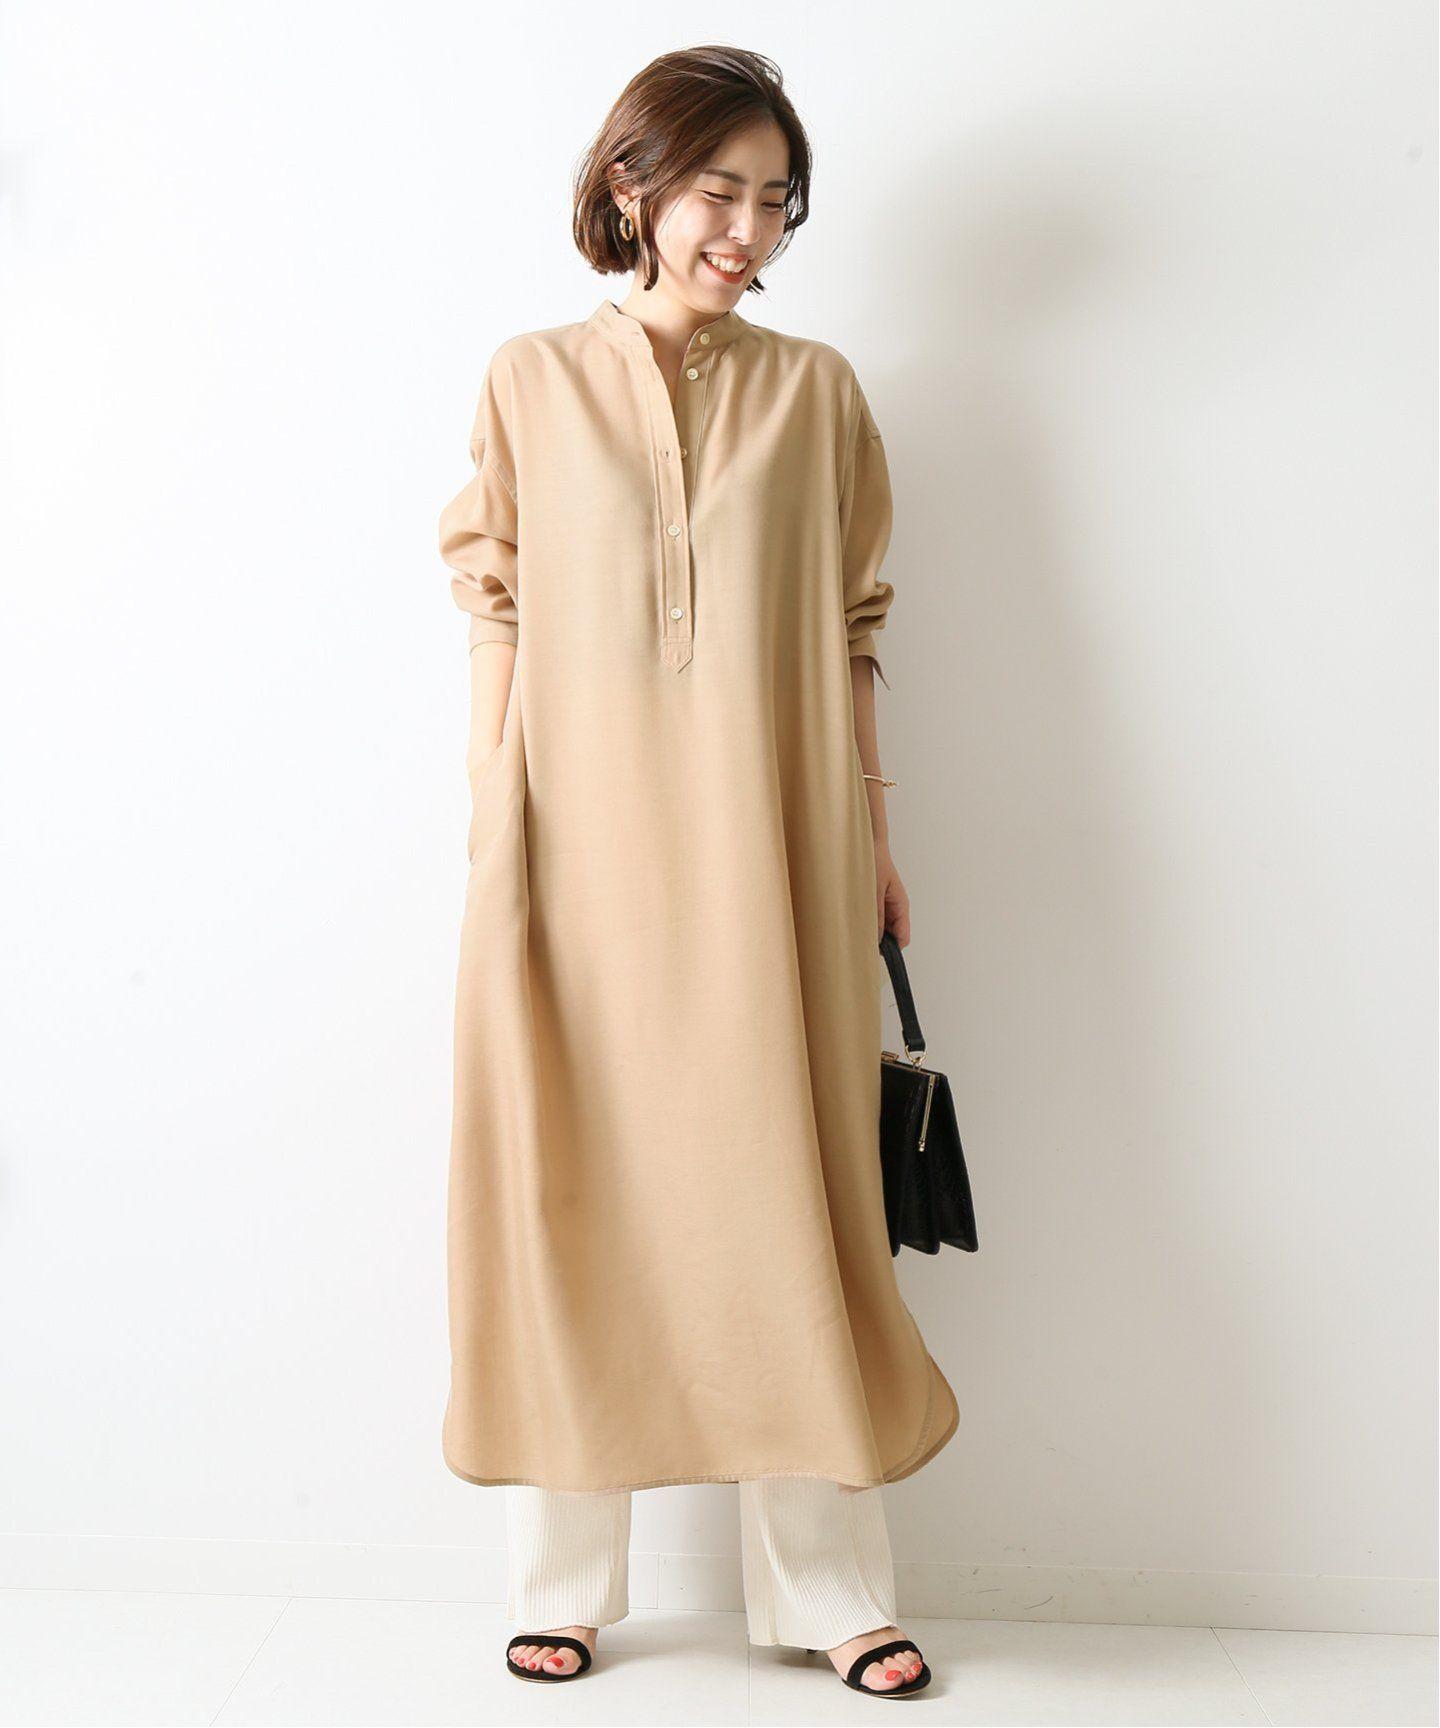 バンドカラーワンピース spick and span スピック スパン 公式のファッション通販 19040200305030 baycrew s store ファッション ファッションアイデア ワンピース